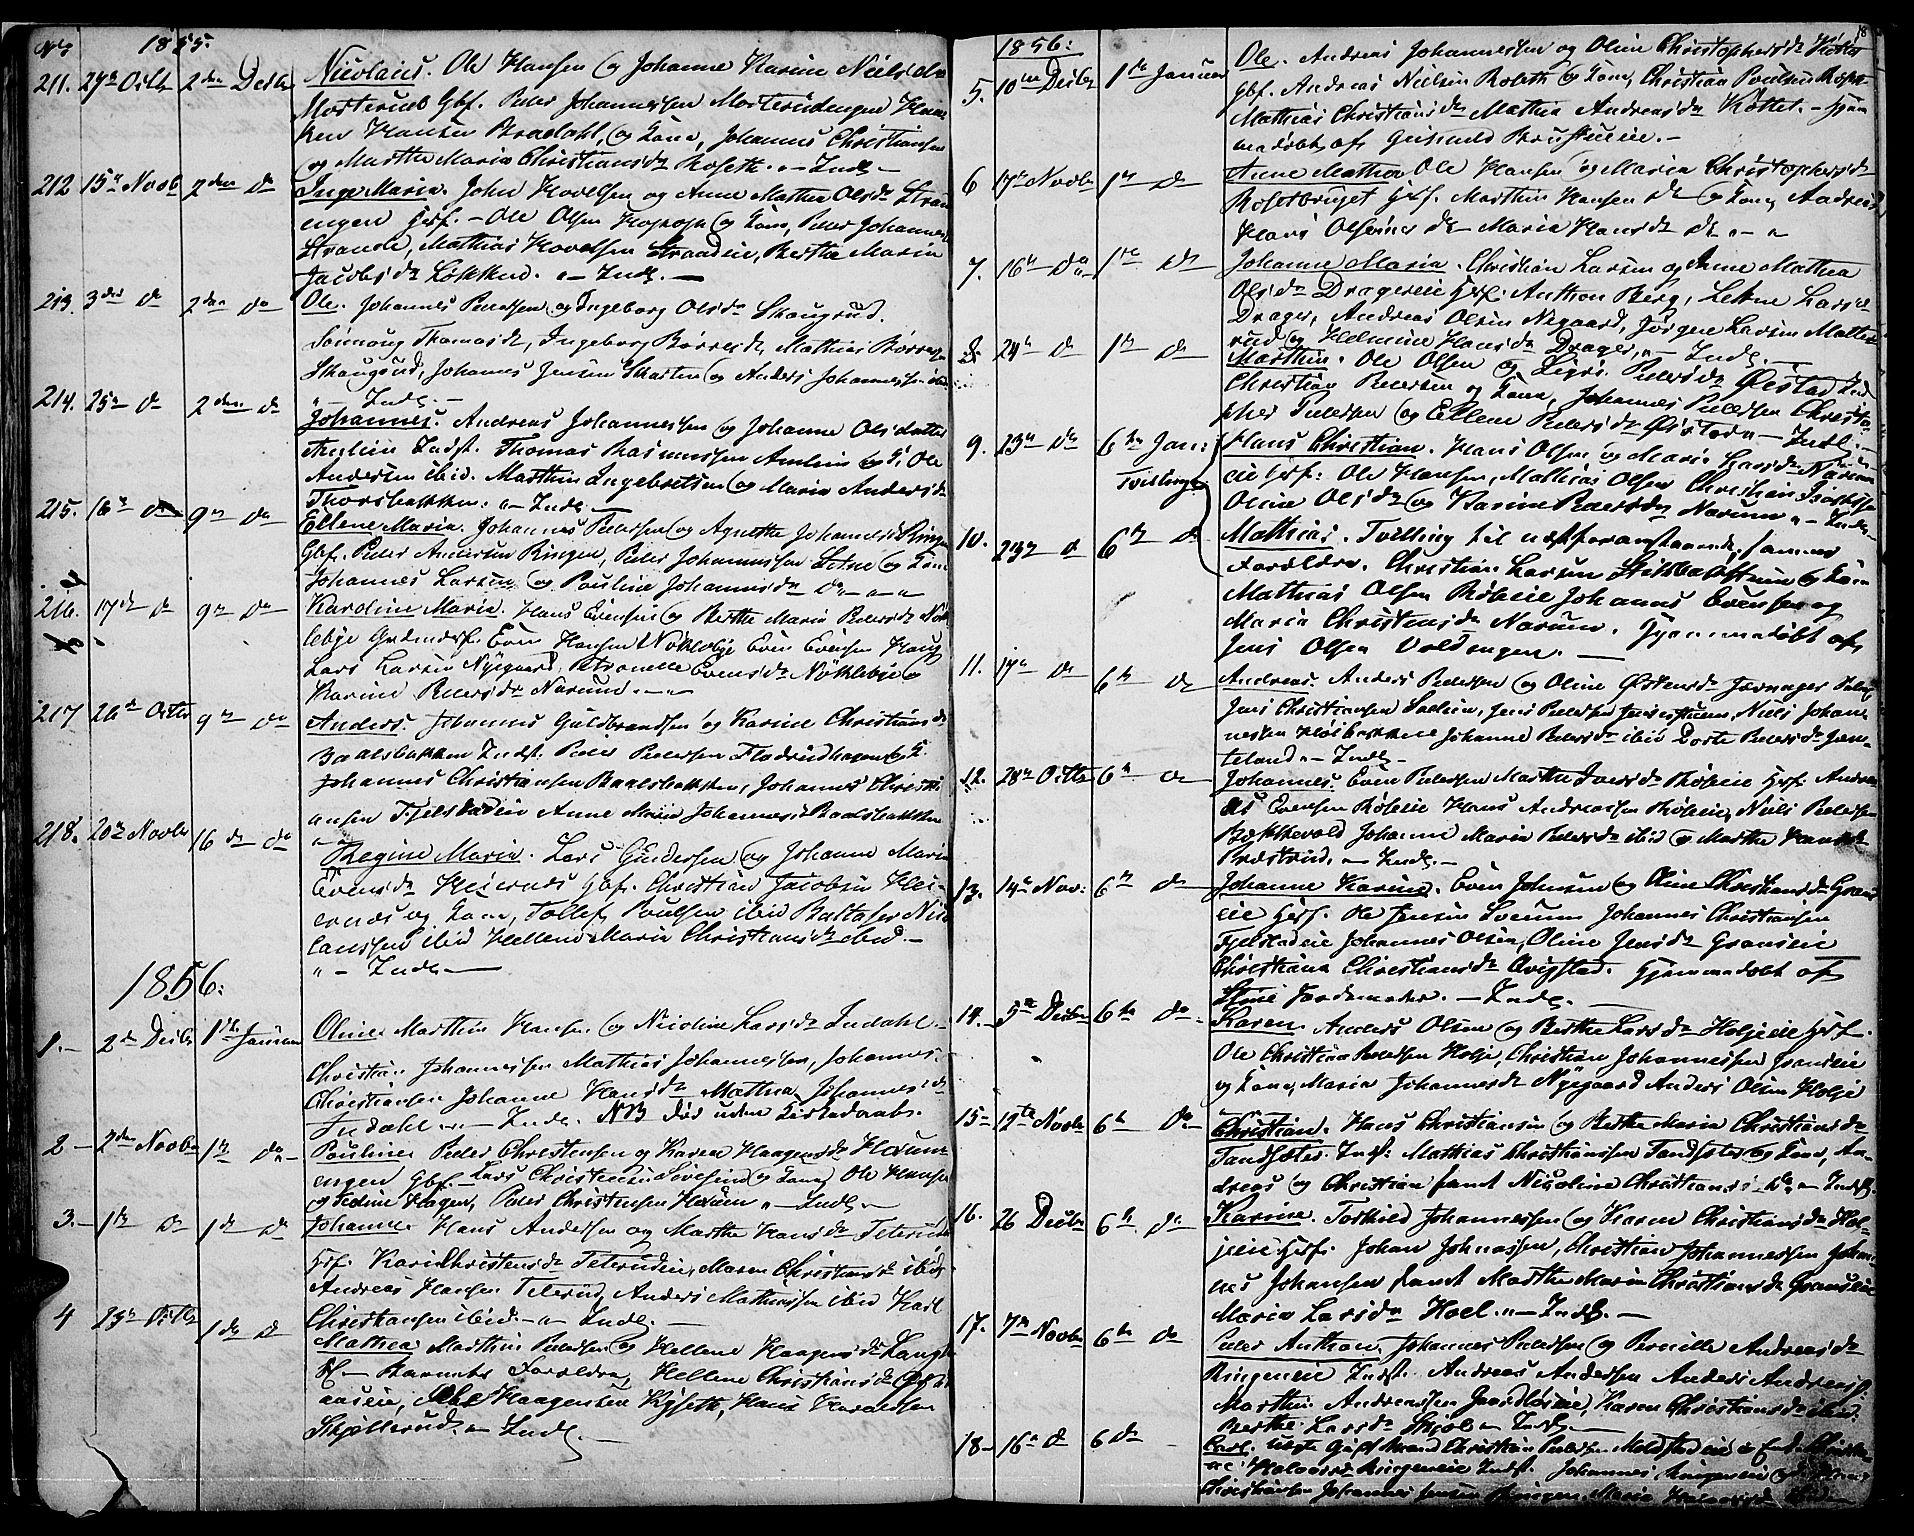 SAH, Vestre Toten prestekontor, Klokkerbok nr. 5, 1854-1870, s. 18